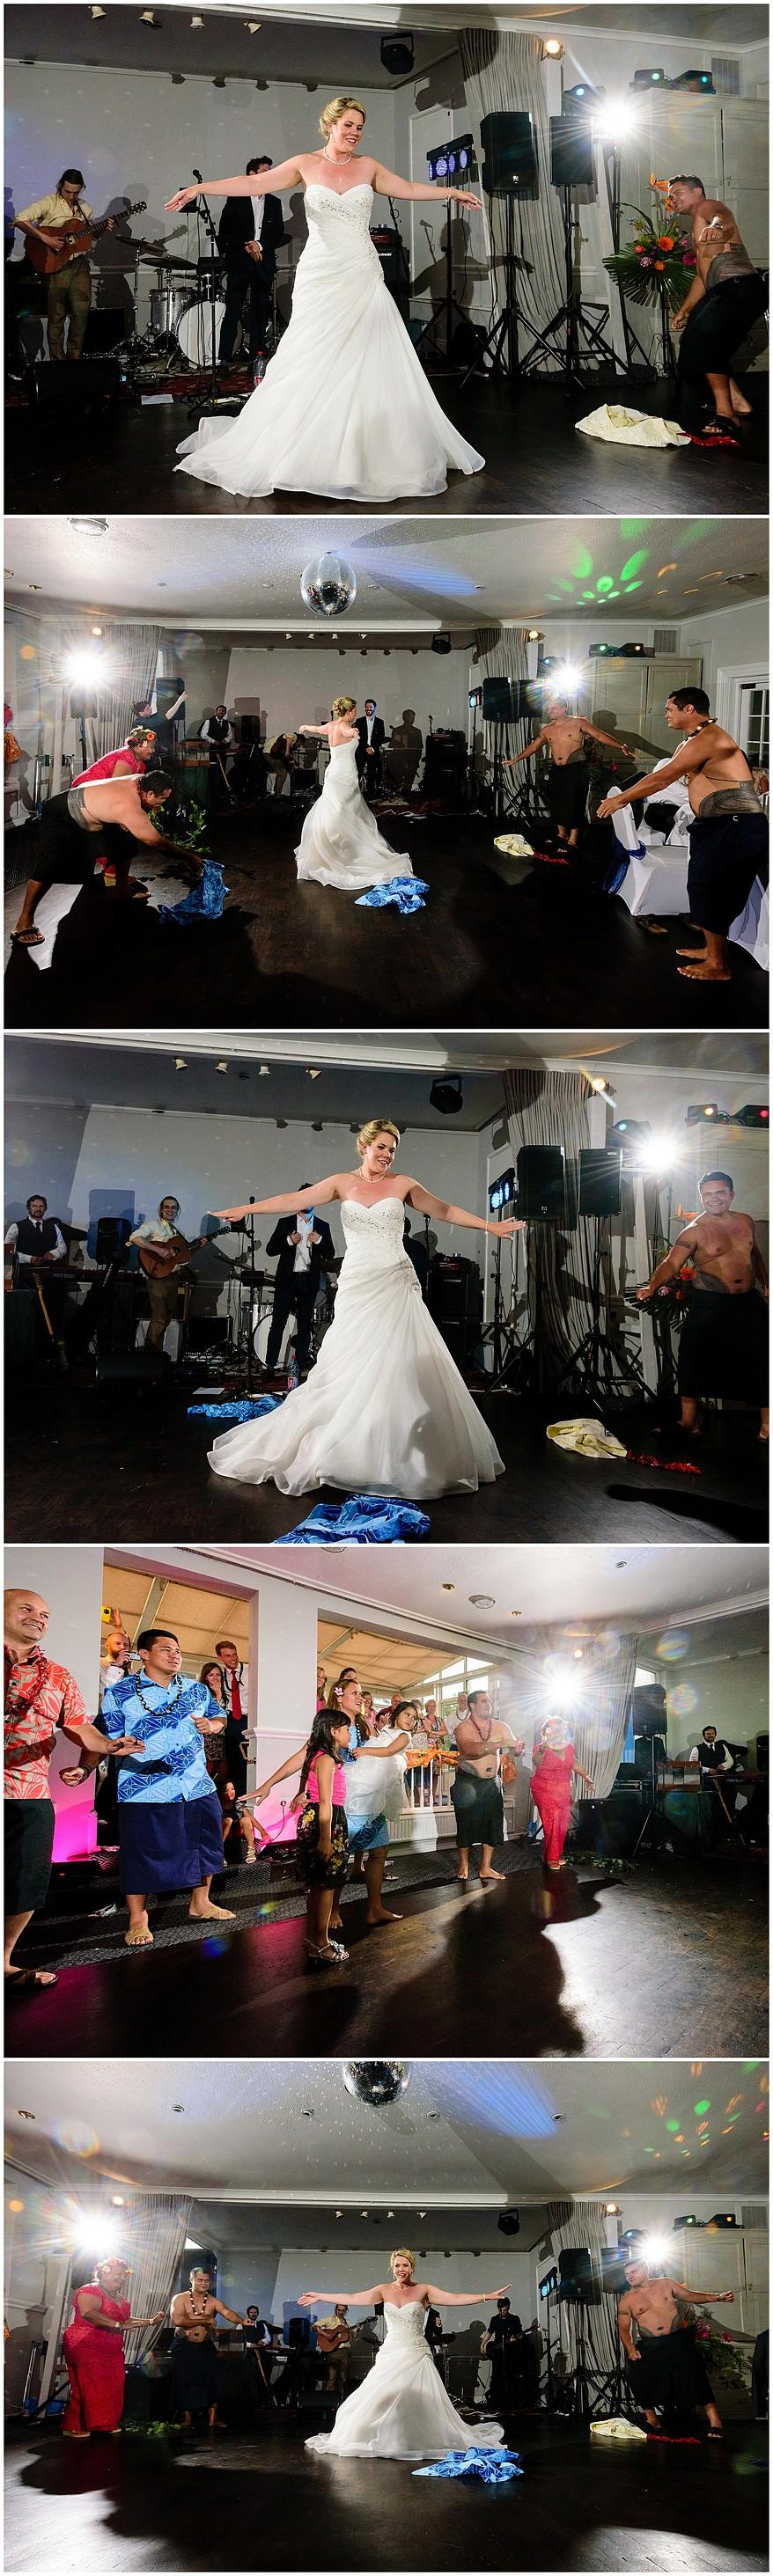 Samoan first dance at the Merchants manor hotel